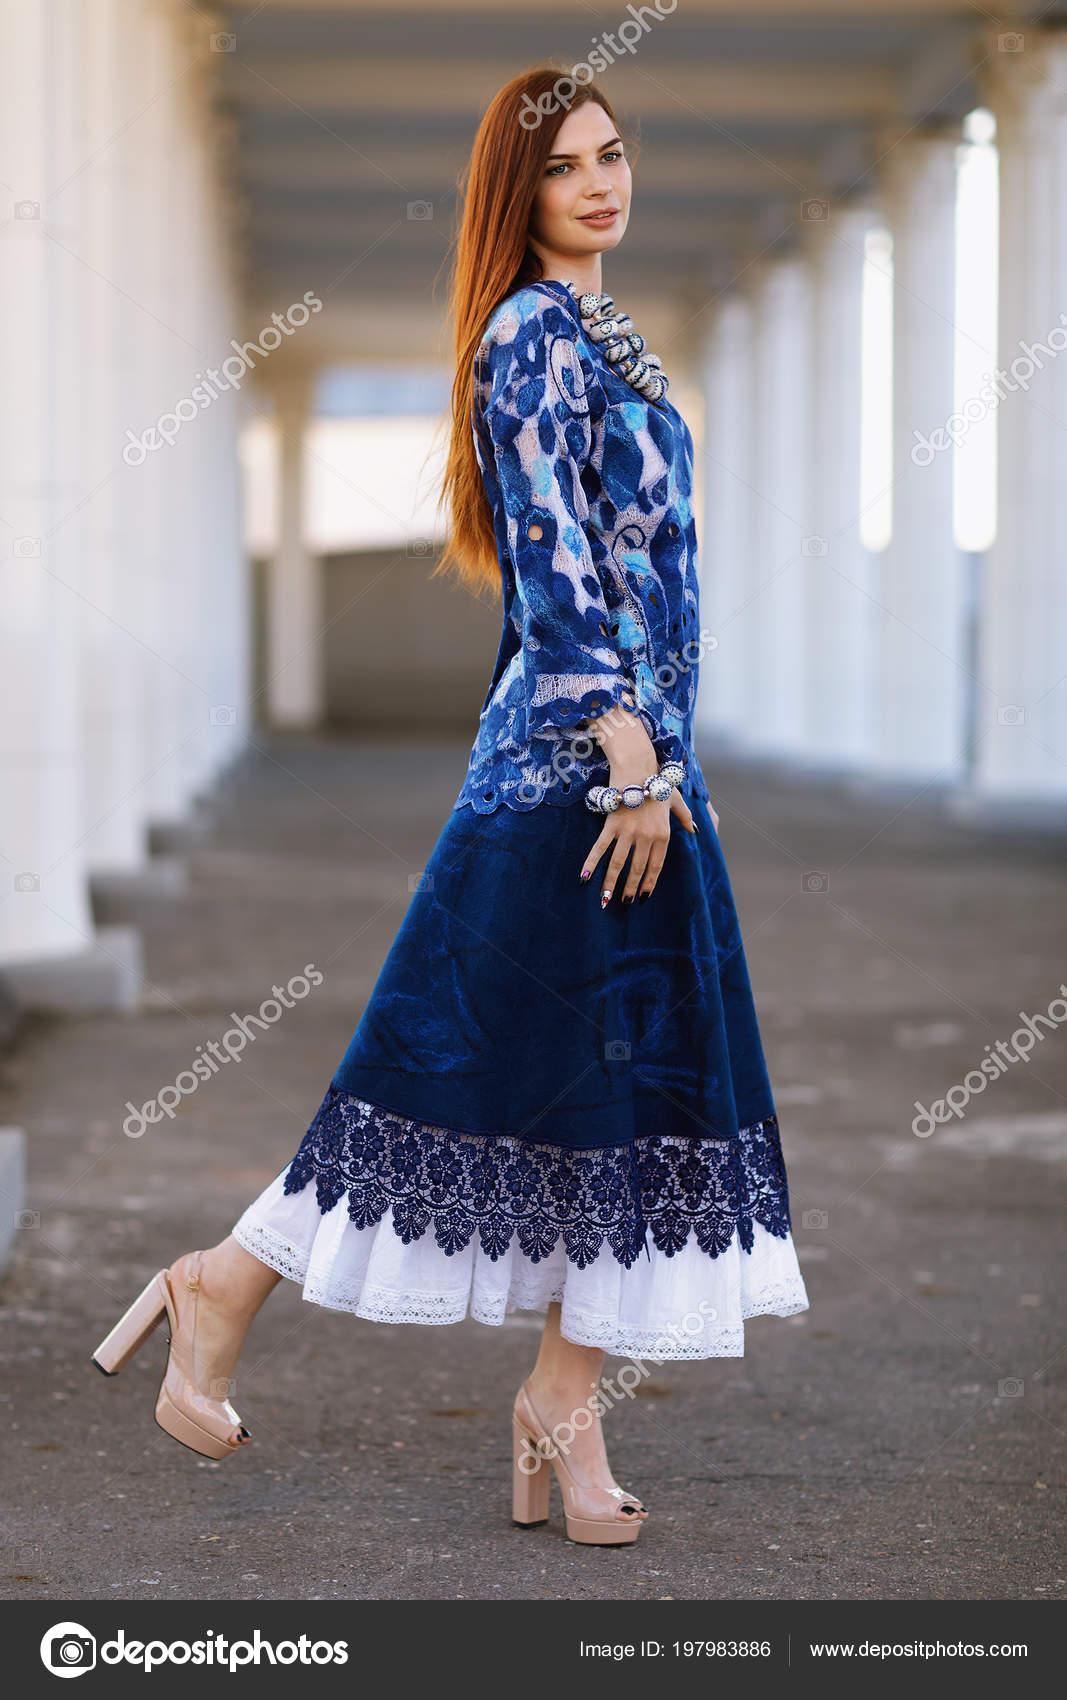 3531b574eb9ed7 Chica hermosa con estilo en ropa de diseño. Túnica que se hace en la  tecnología de nunovolok de seda blanca enrarecido de lana merino.